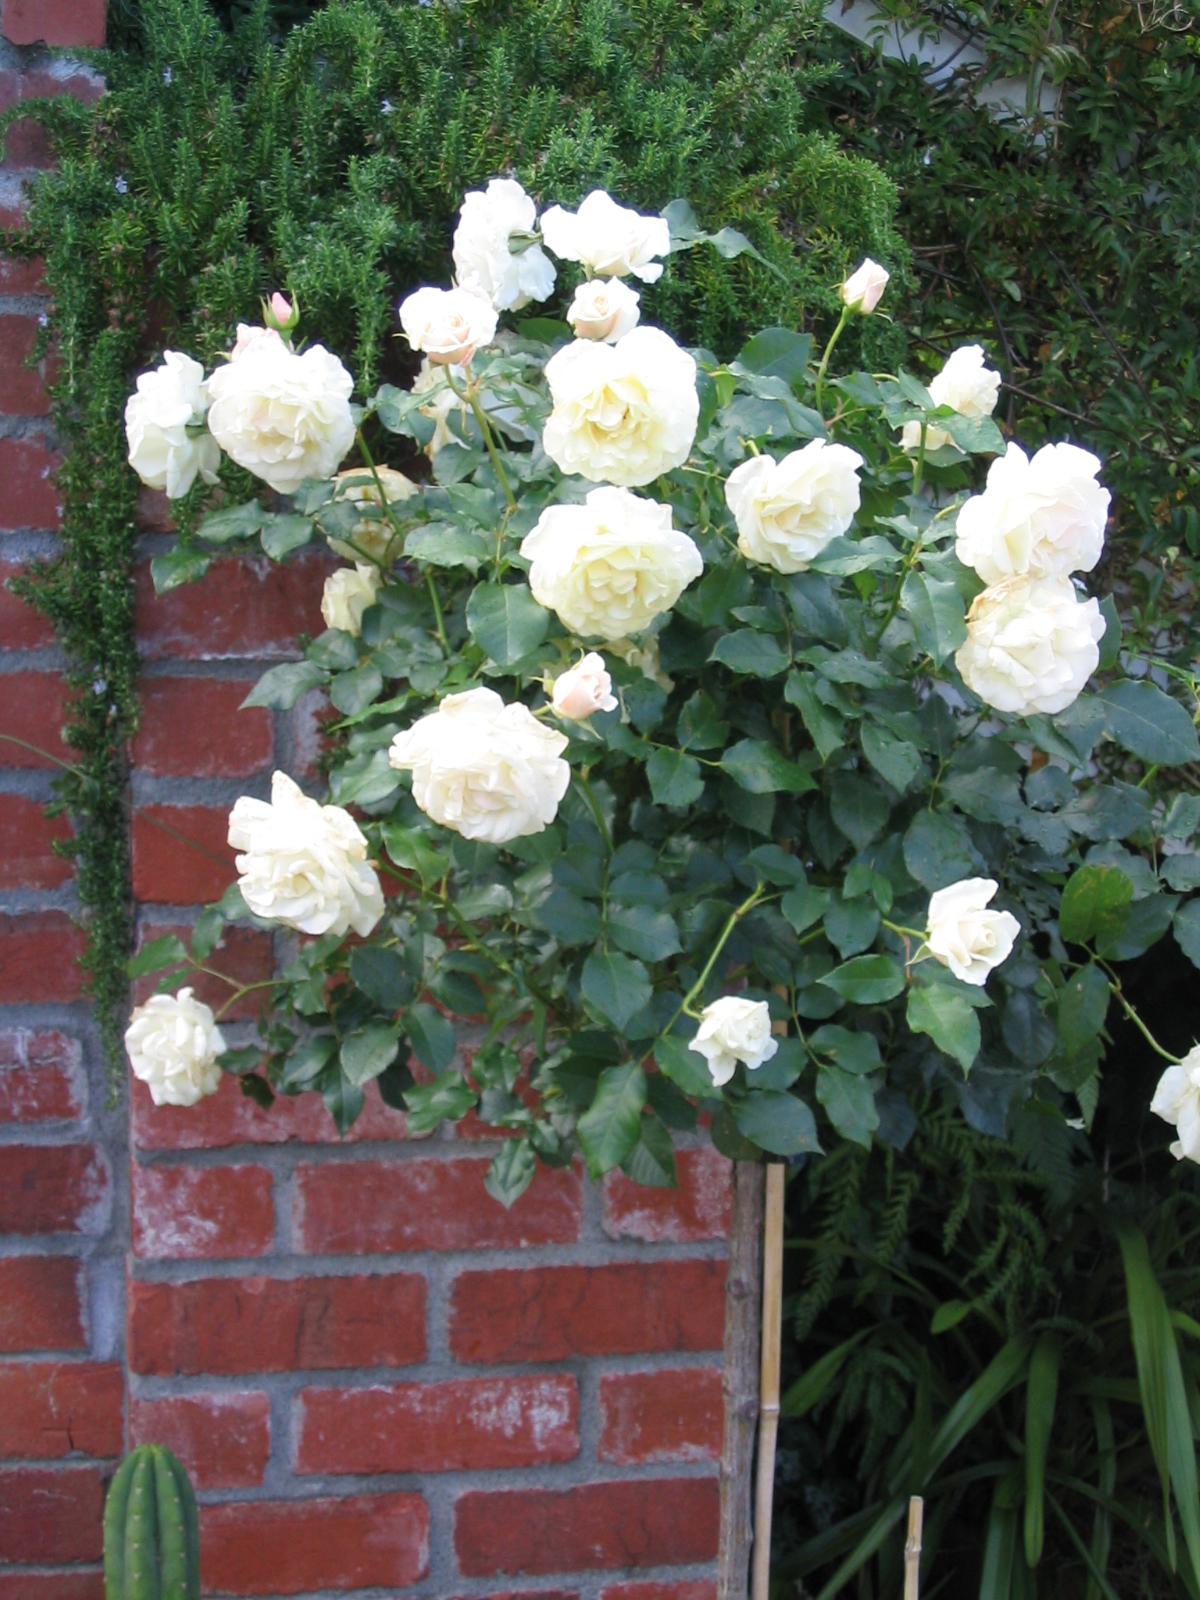 White standard Roses